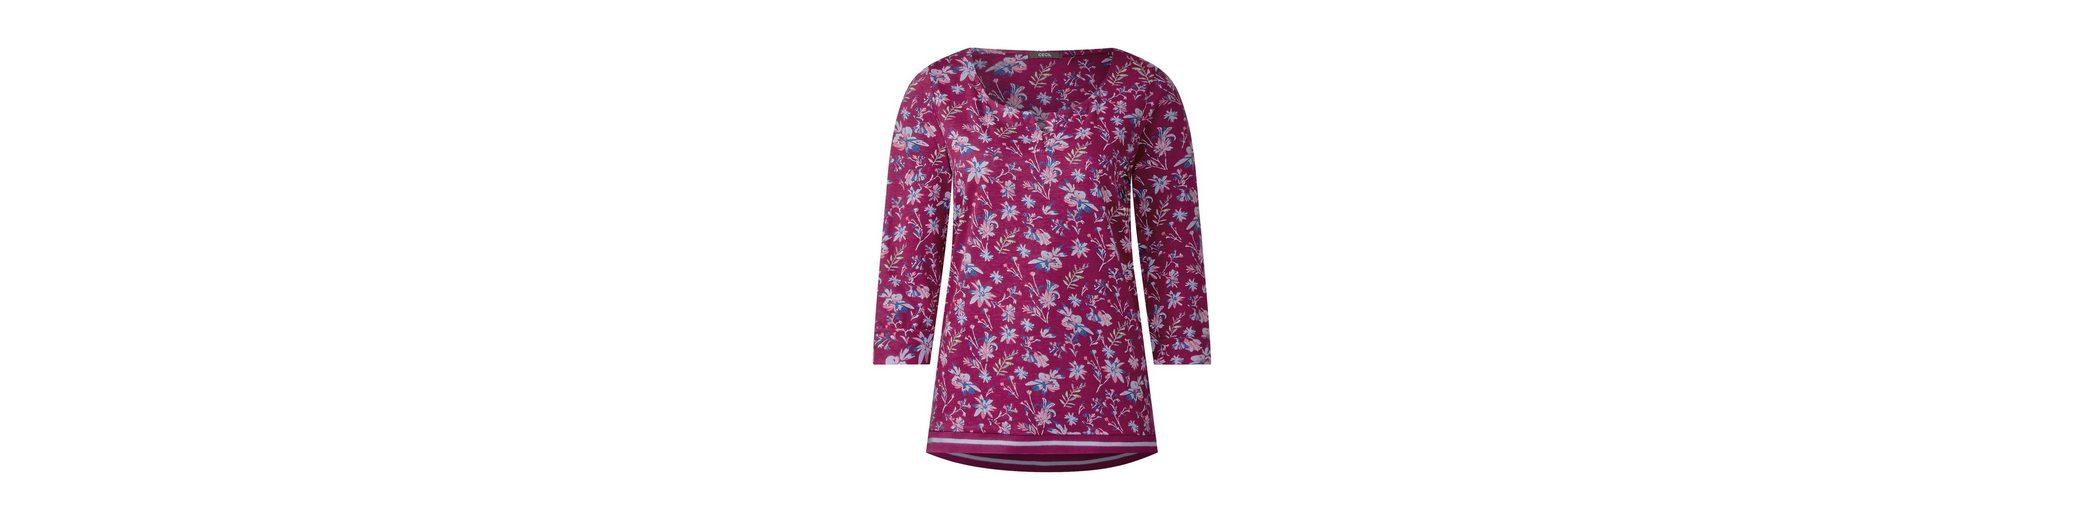 Günstige Angebote Erstaunlicher Preis Verkauf Online CECIL Blütenprint Shirt Sonja Online-Suche Zu Verkaufen xWAguBkDg3